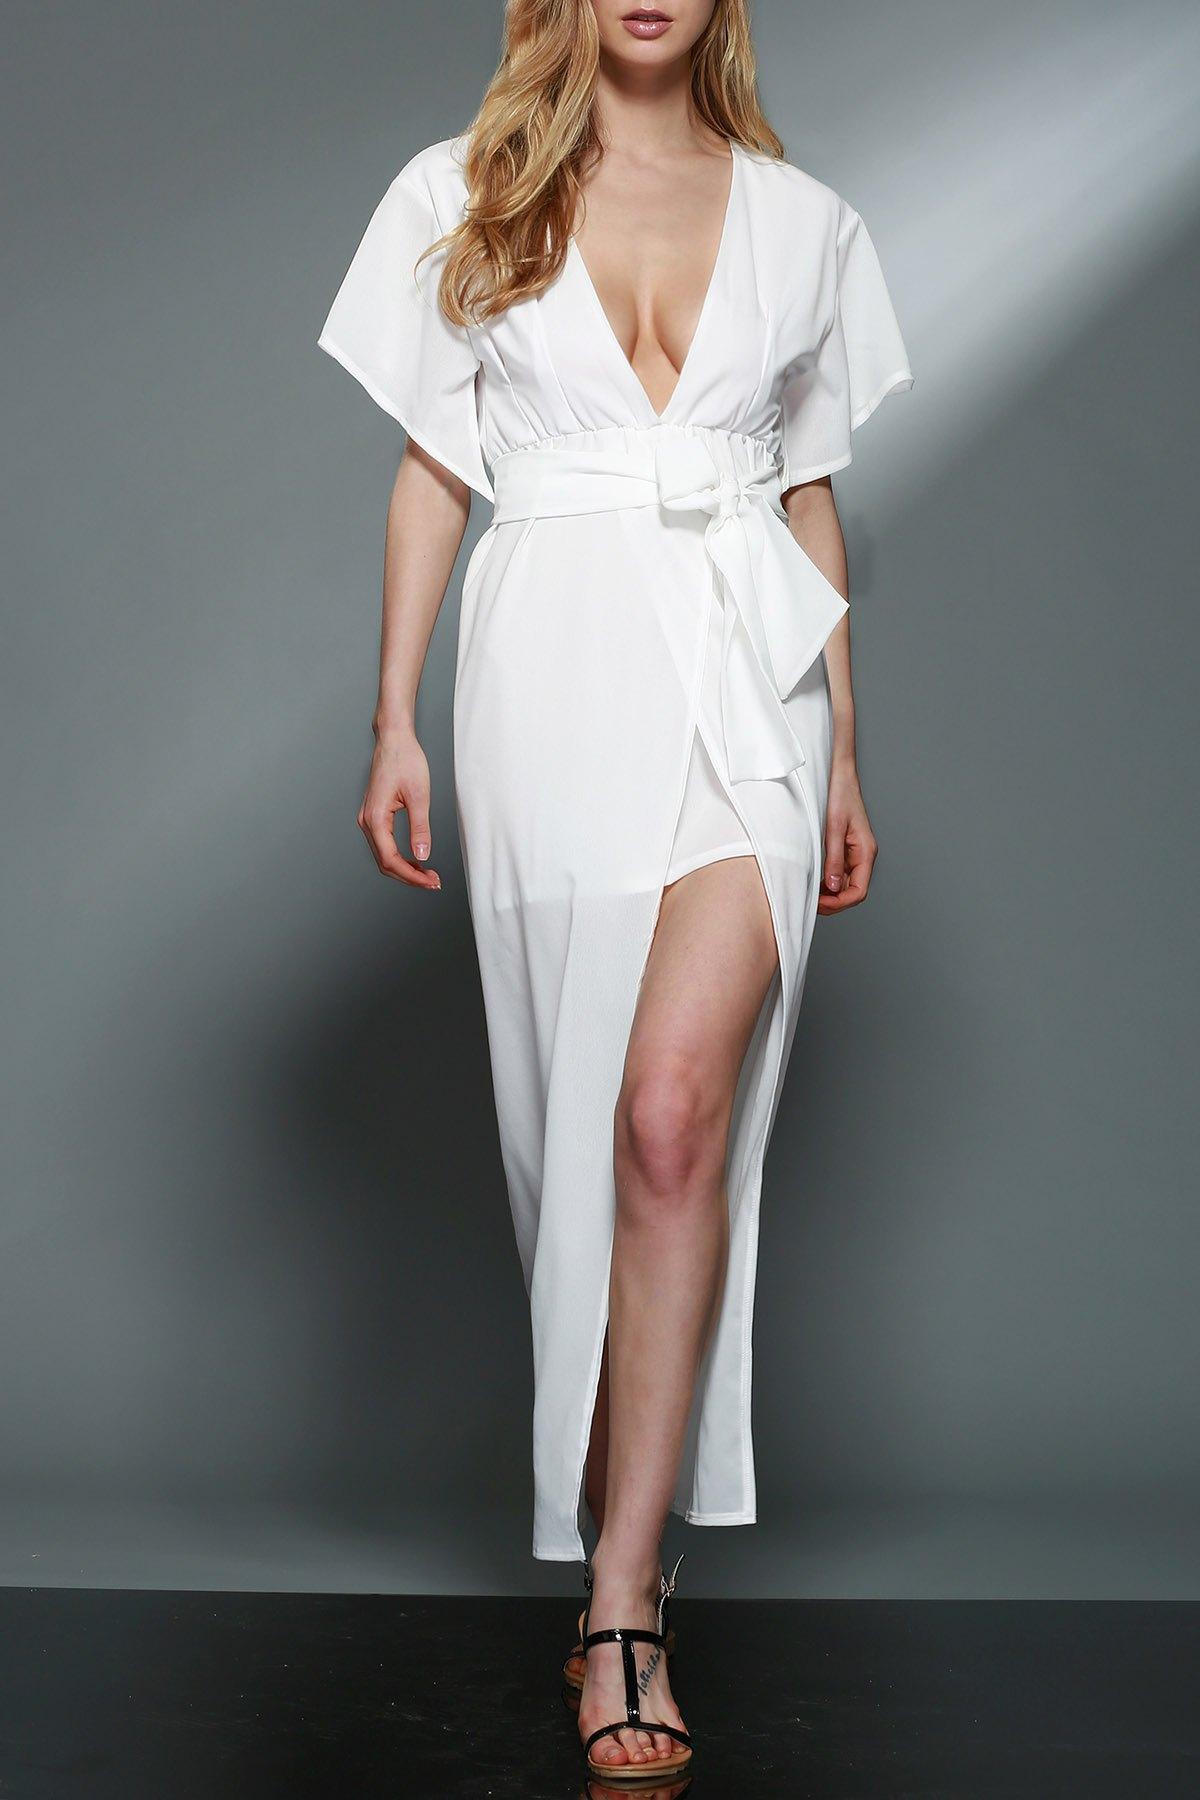 Plunging Neck Layered White Chiffon Dress